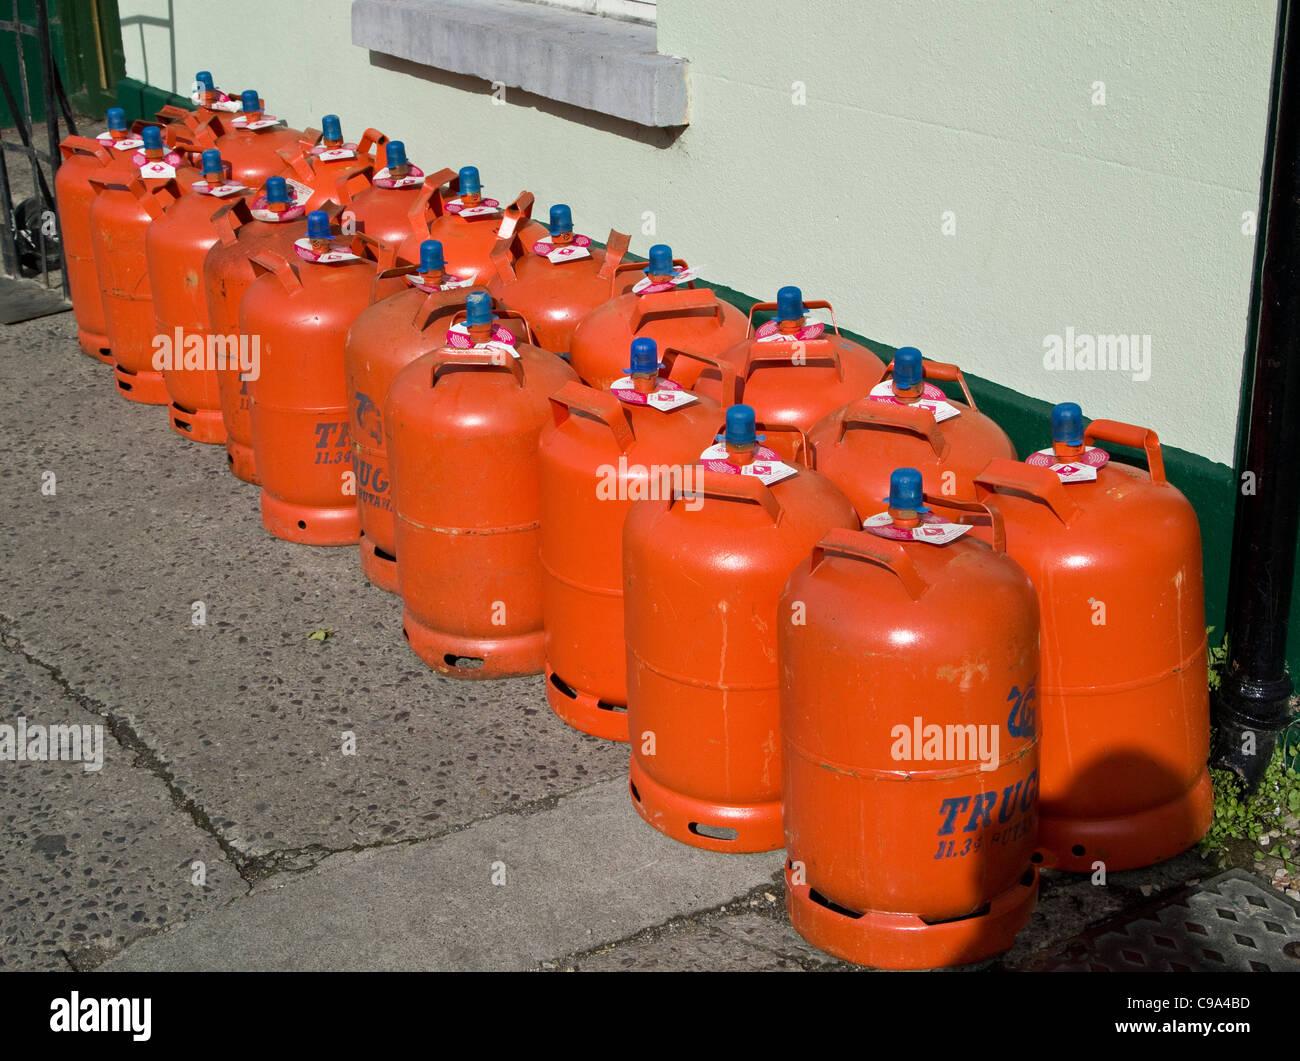 Les bonbonnes de gaz propane en vente à l'extérieur d'un magasin de matériel à Skerries, Photo Stock